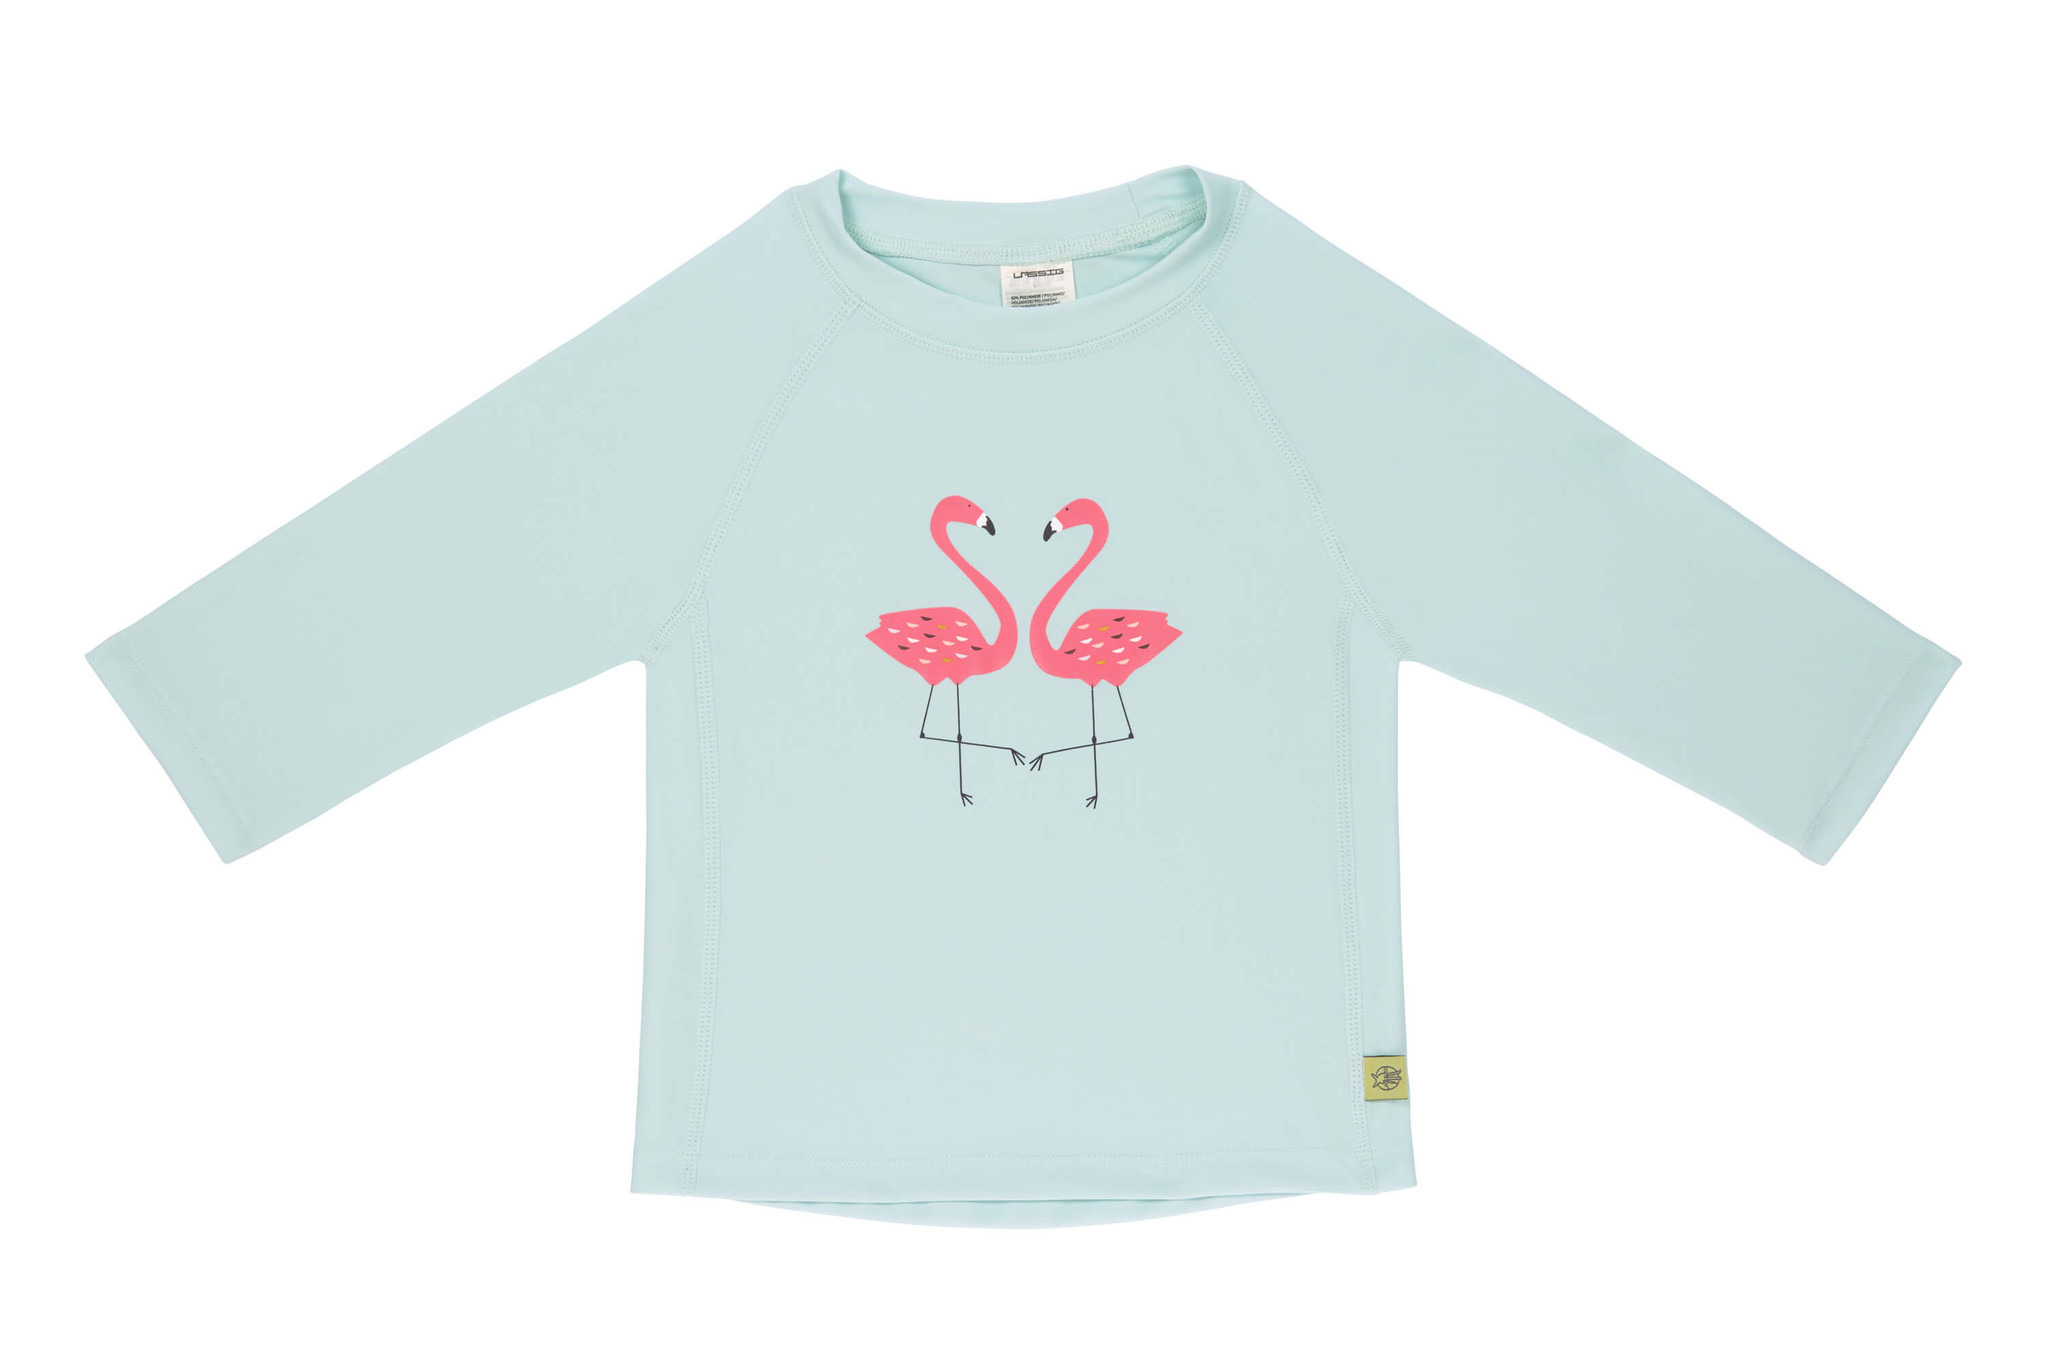 Lässig Lässig Splash & Fun Lange mouw Rashguard / zwemshirt - flamingo 6 maanden